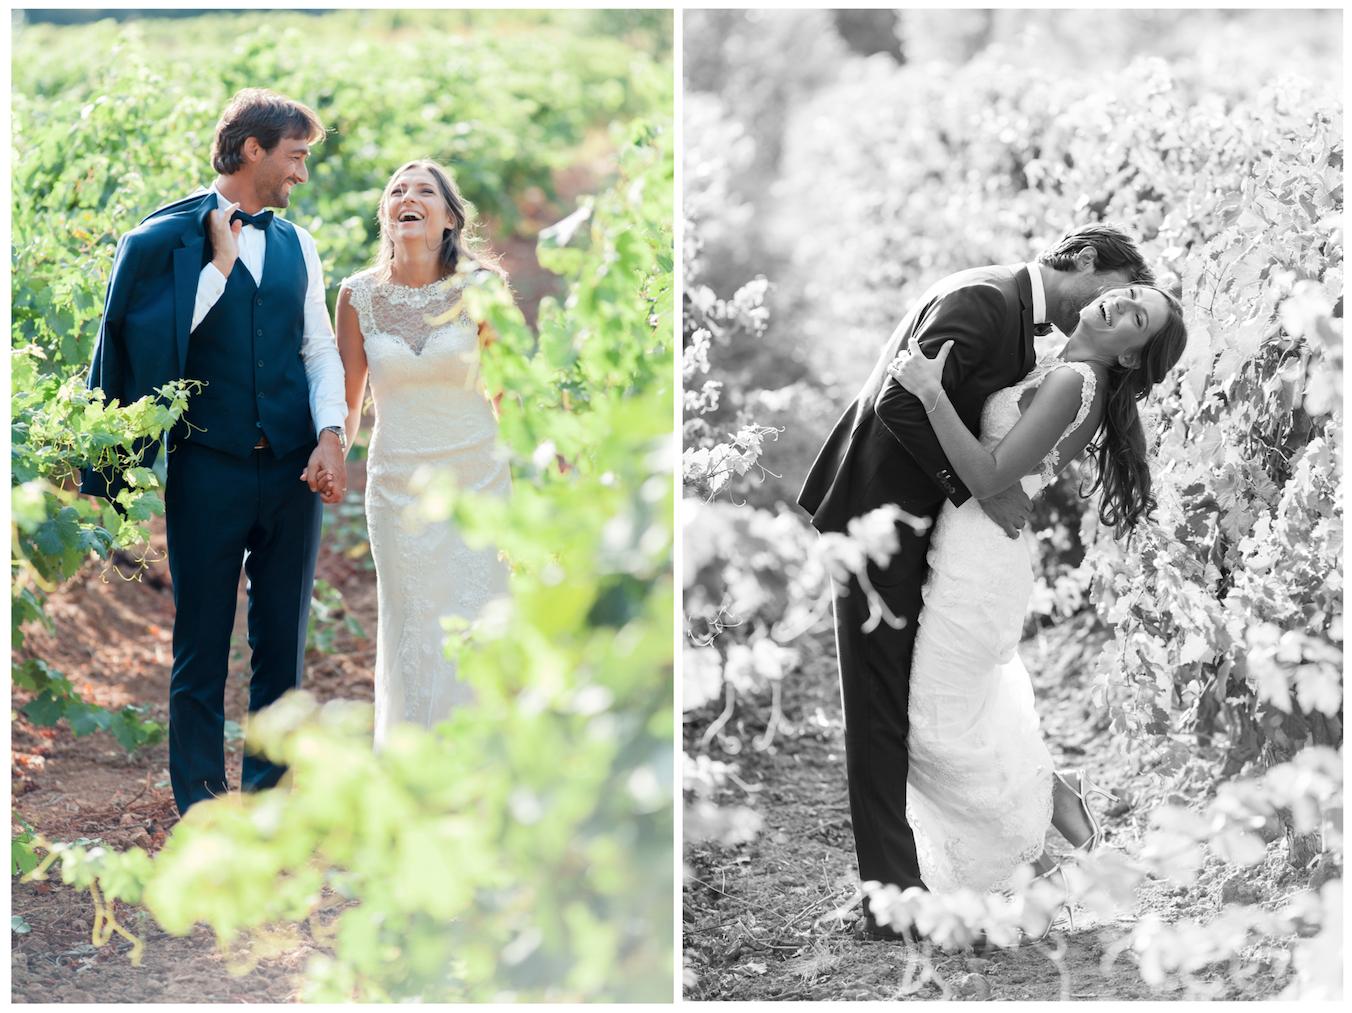 Photographe de mariage Provence Wedding photographer L'Œil Derrière le Miroir